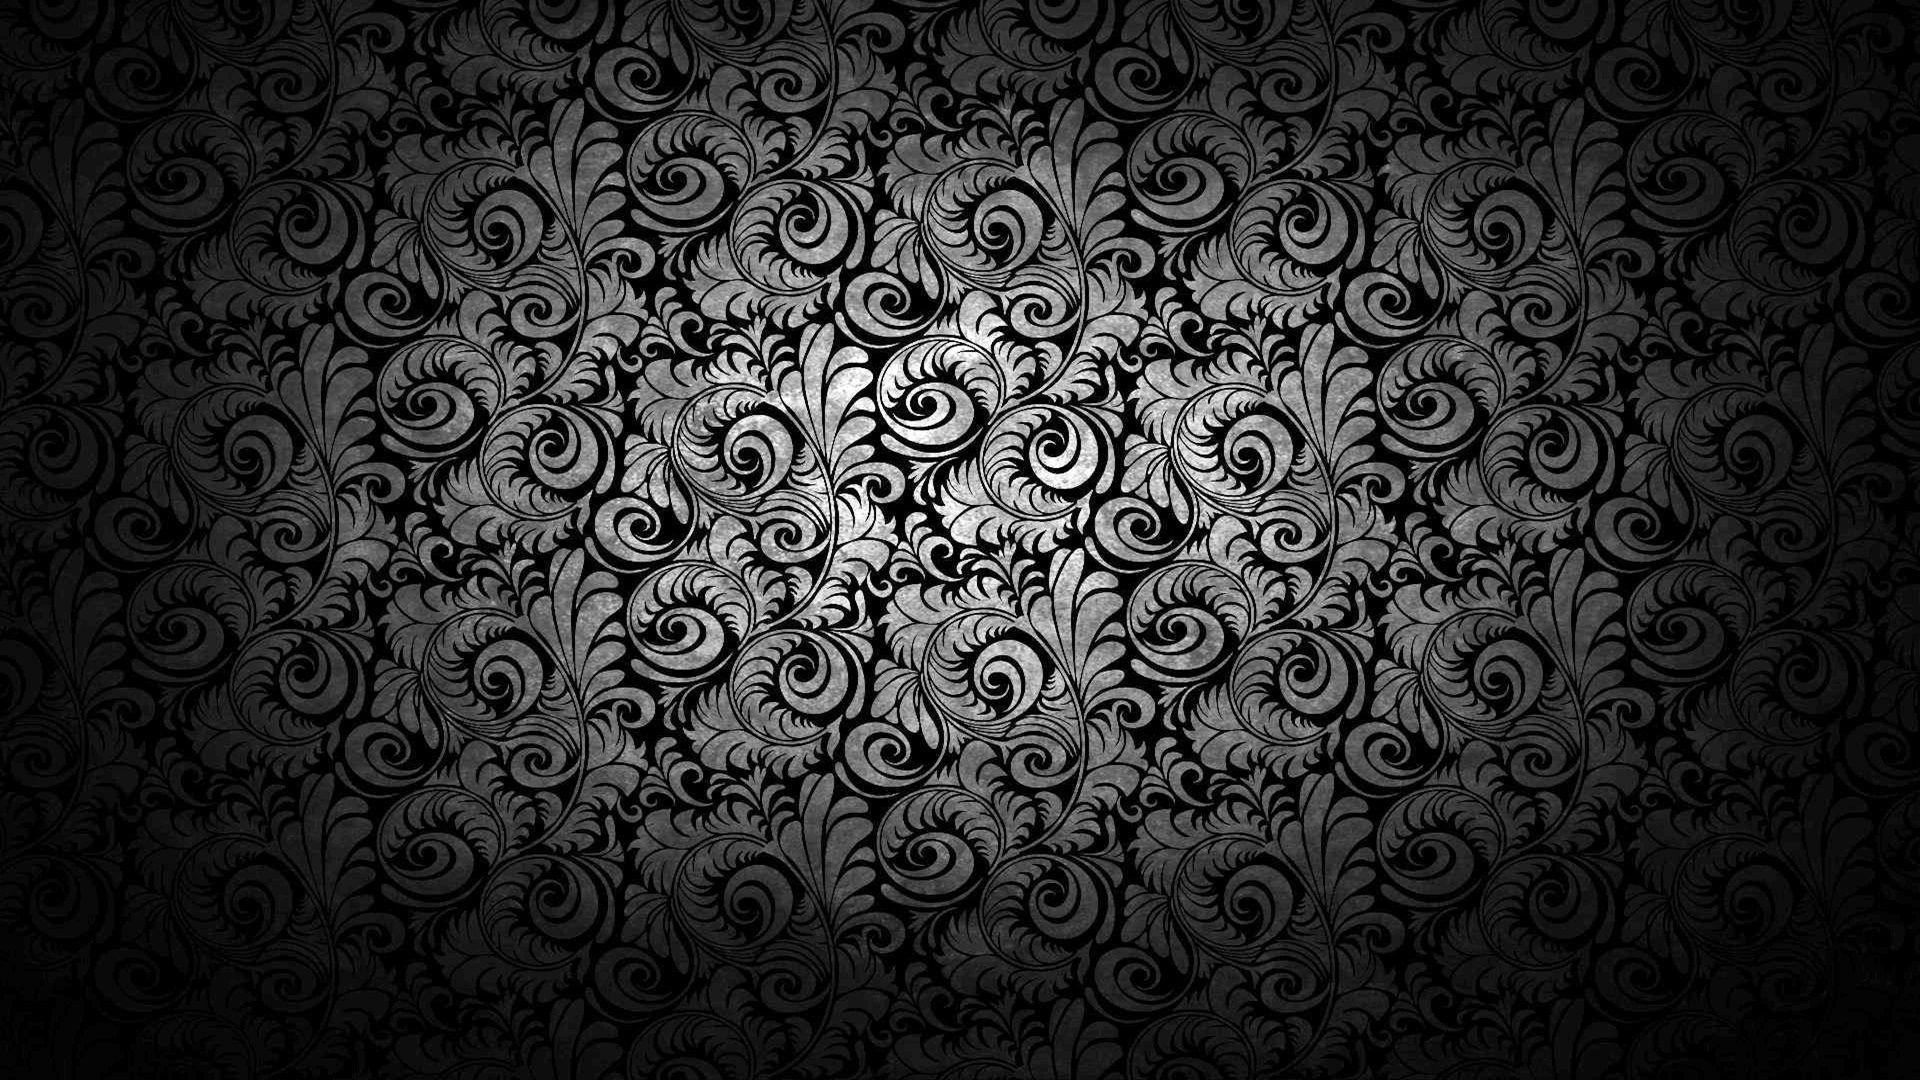 Design Wallpapers 1366768 Dizain Wallpaper Hd 58